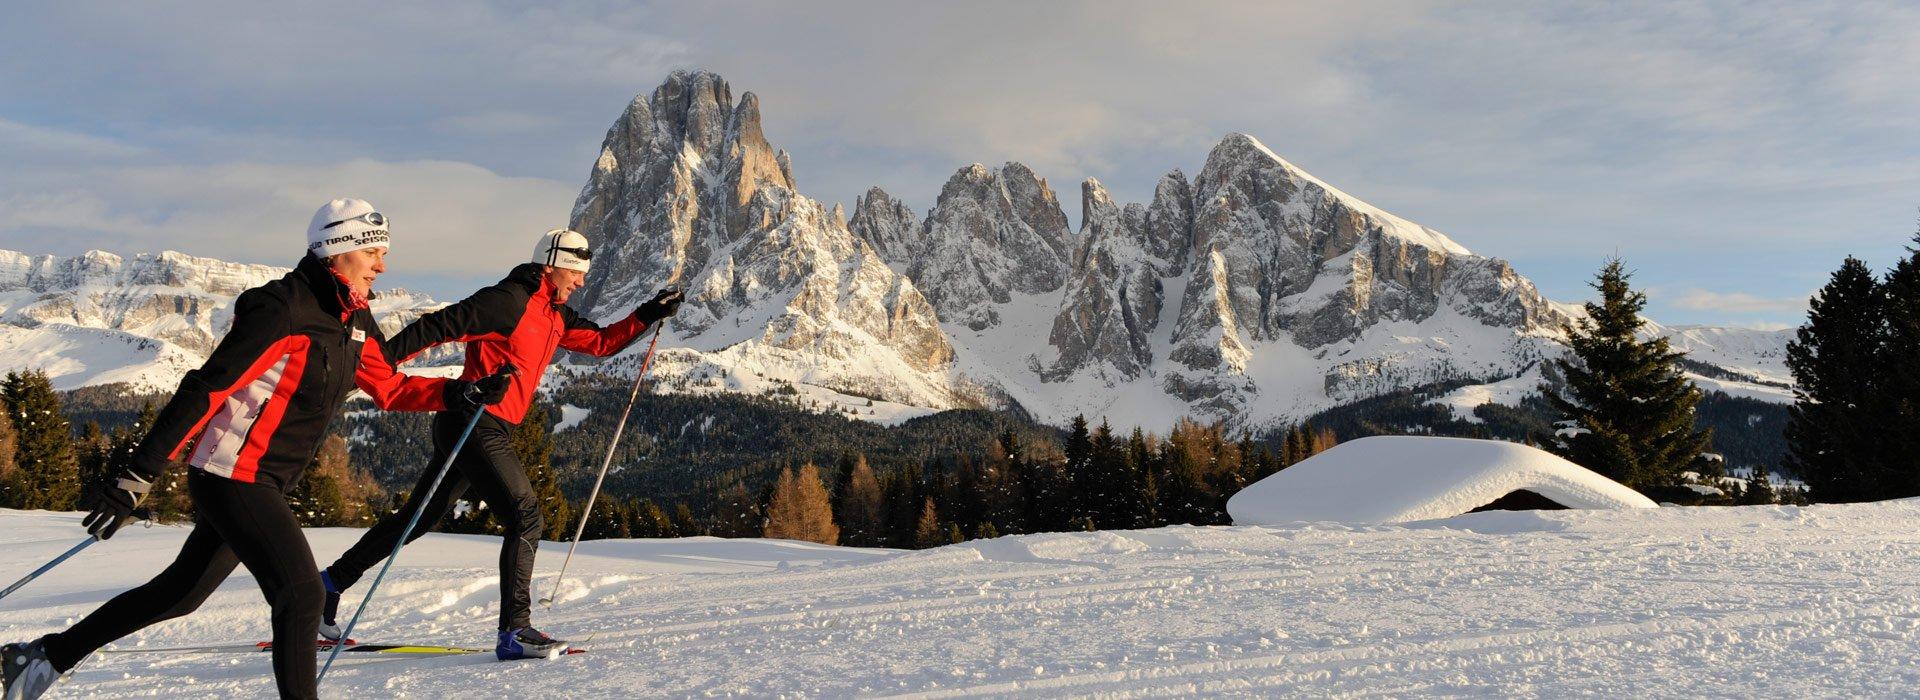 skiurlaub-kastelruth-02